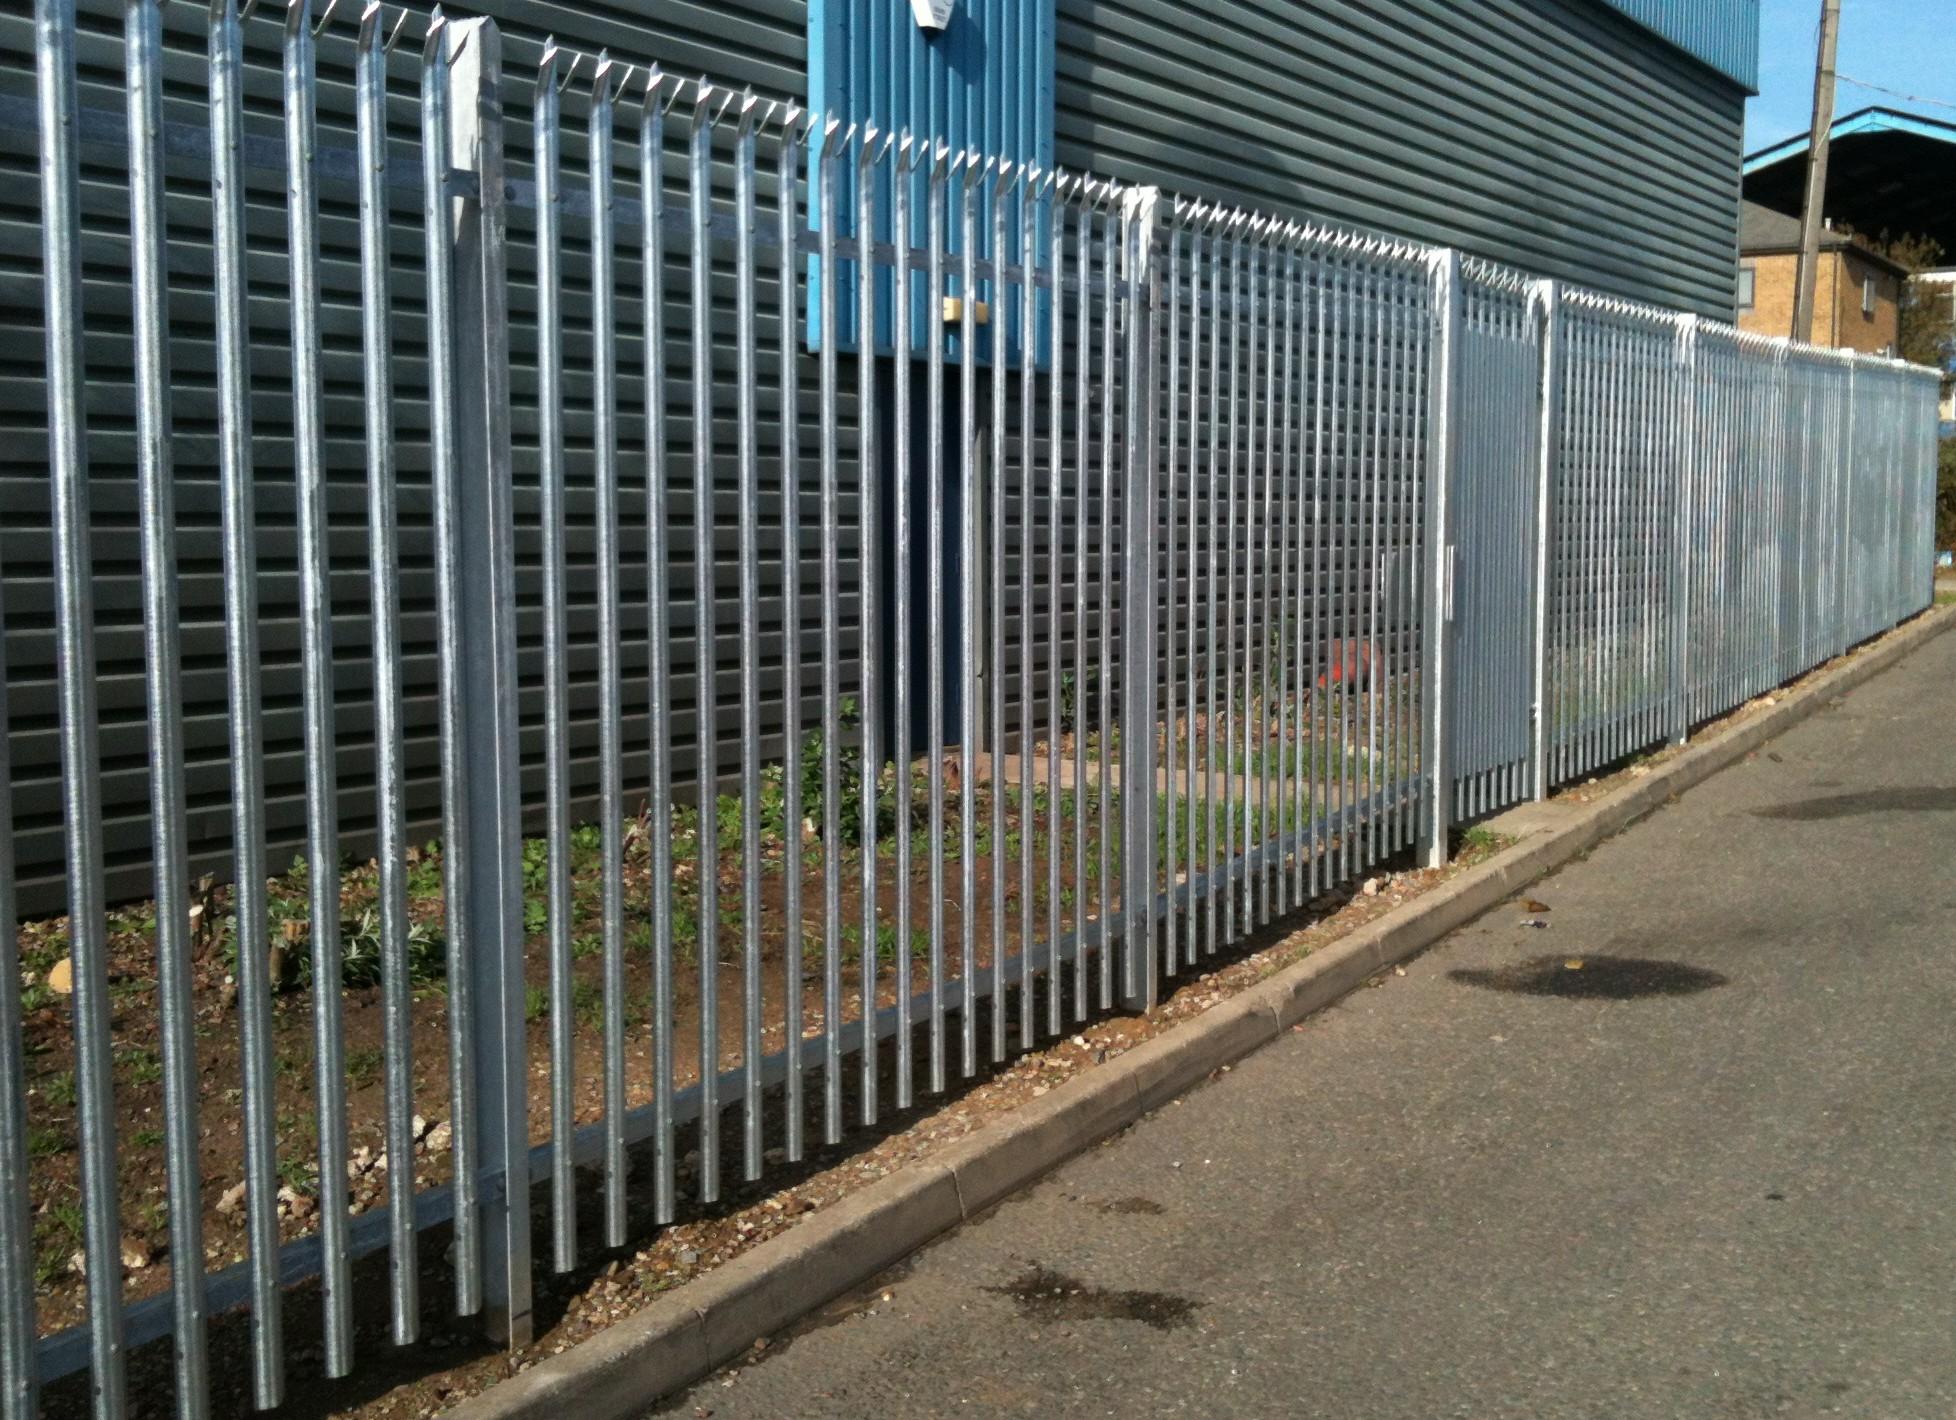 Palisade fencing brisbane collinson company